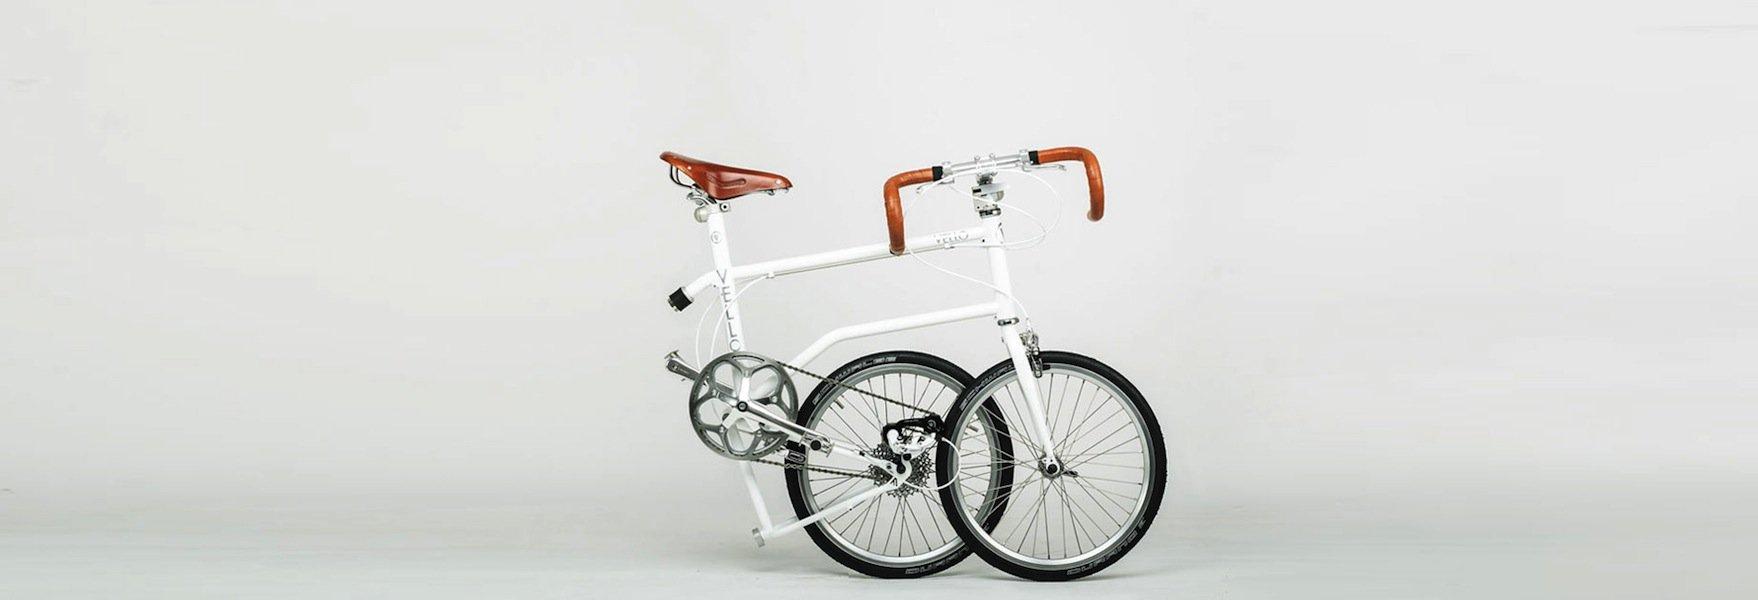 Das bisherige Vello-Spitzenmodell mit Ledersattel und Rennlenker.